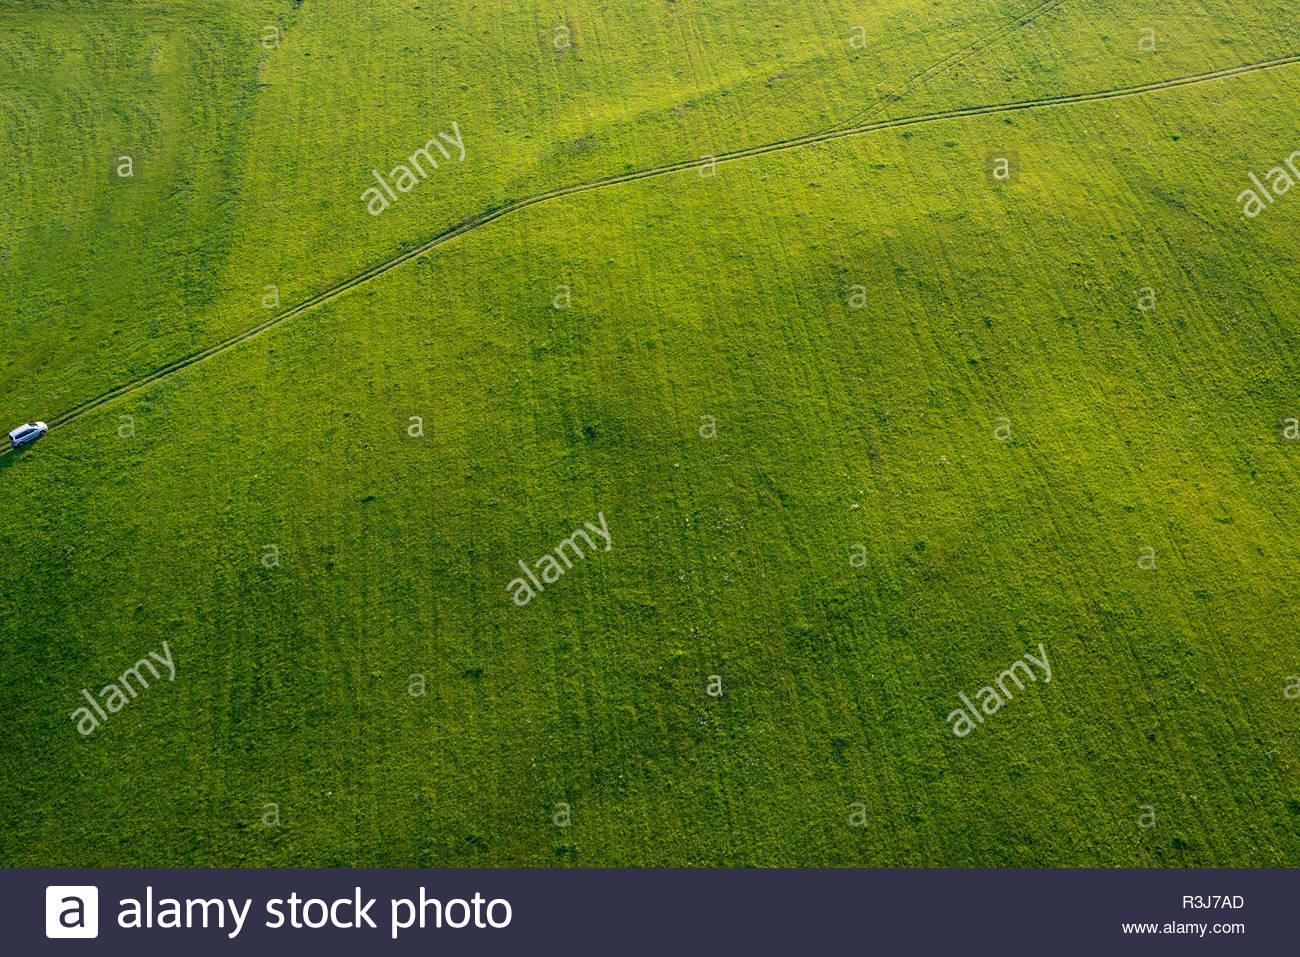 Grüne saftige Wiese aus der Luft - Stock Image